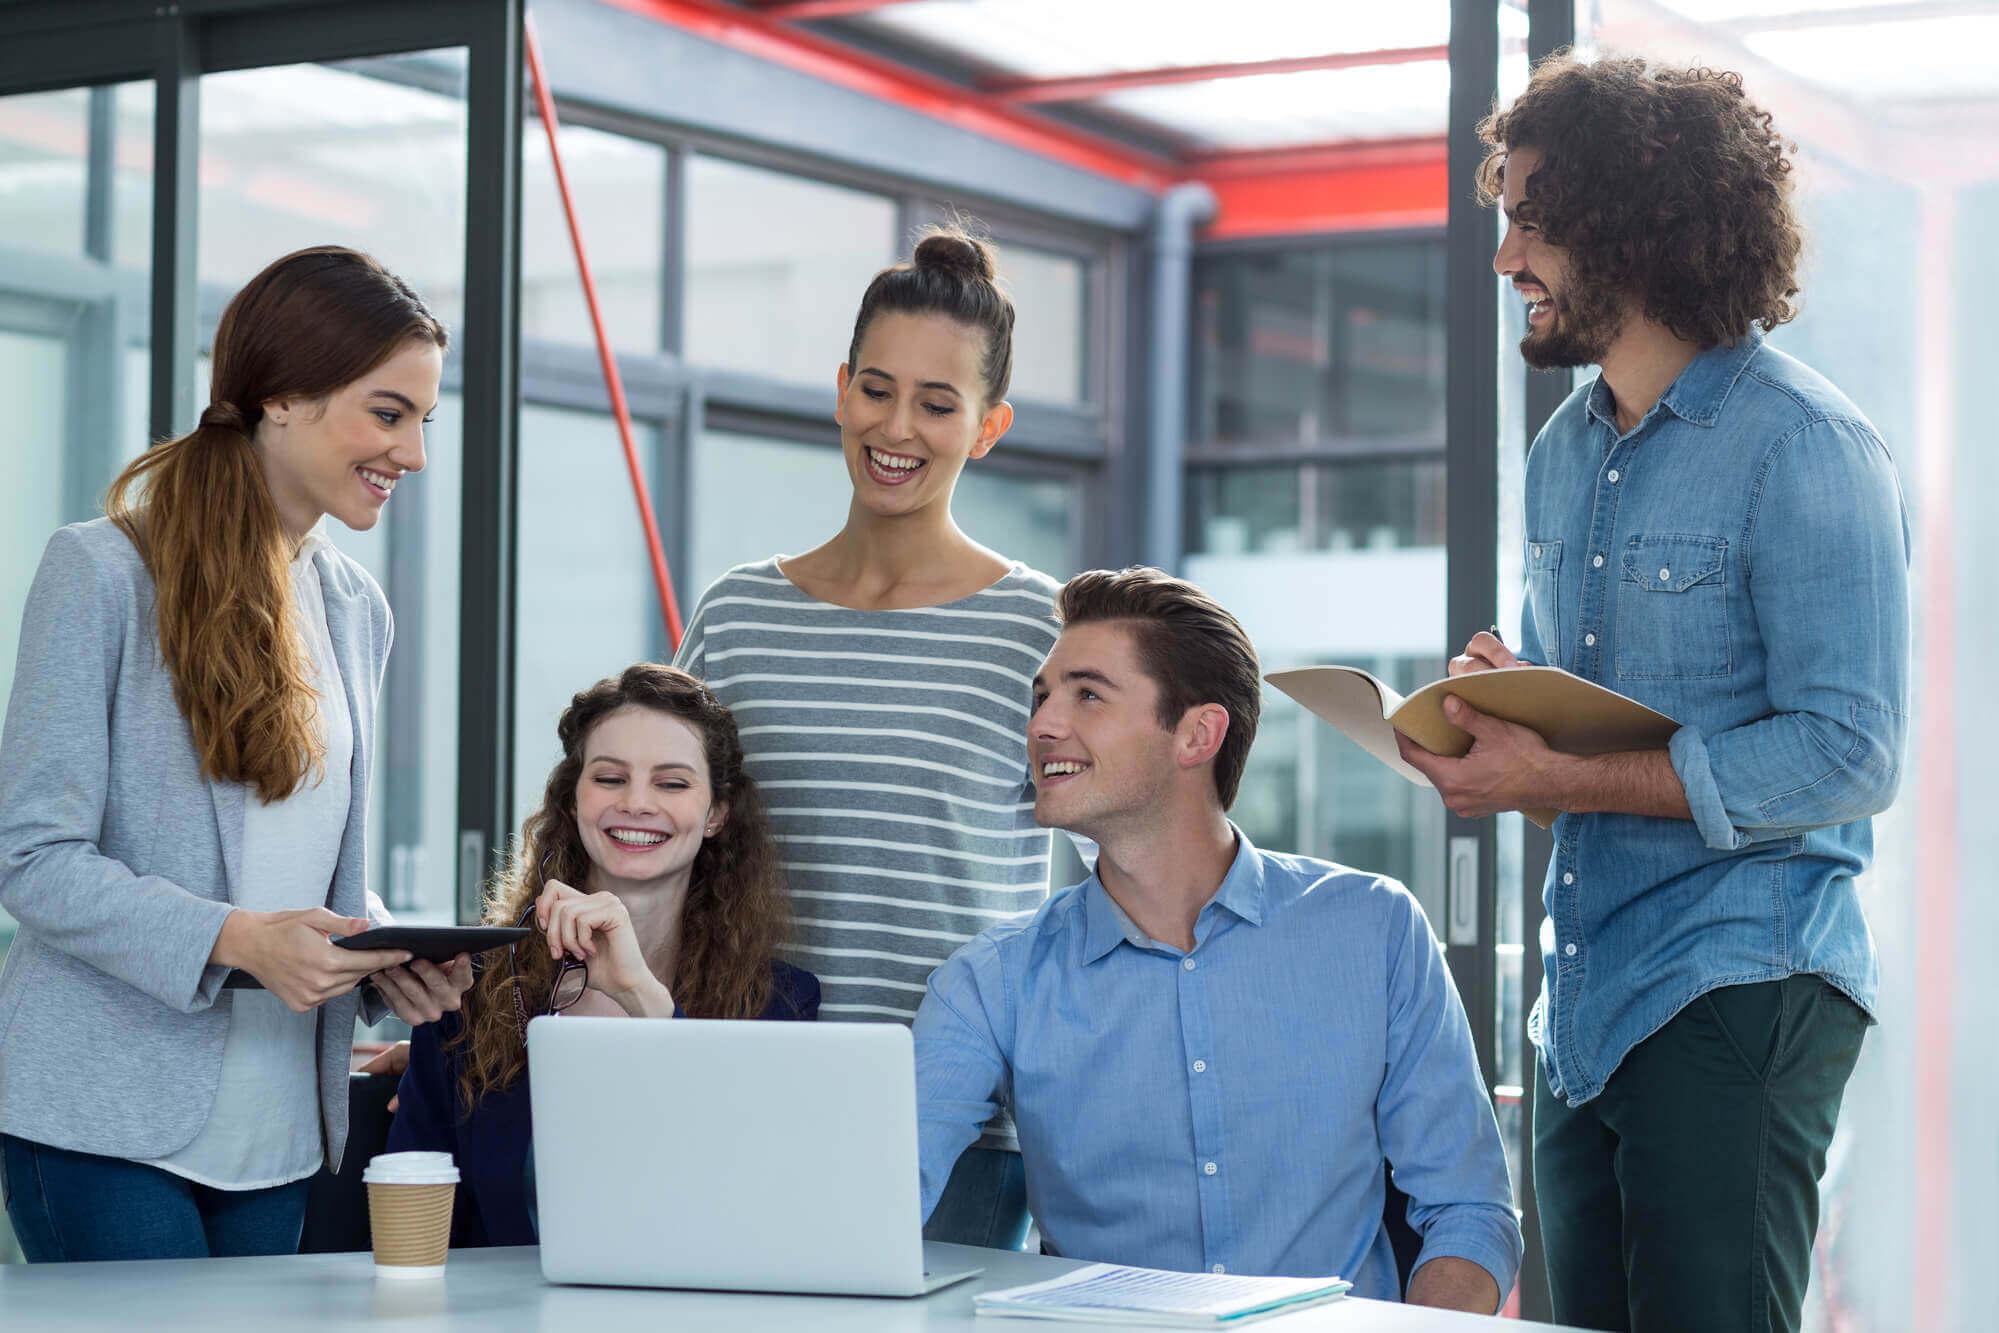 Motivação nas Organizações: 6 dicas eficientes para engajar os funcionários